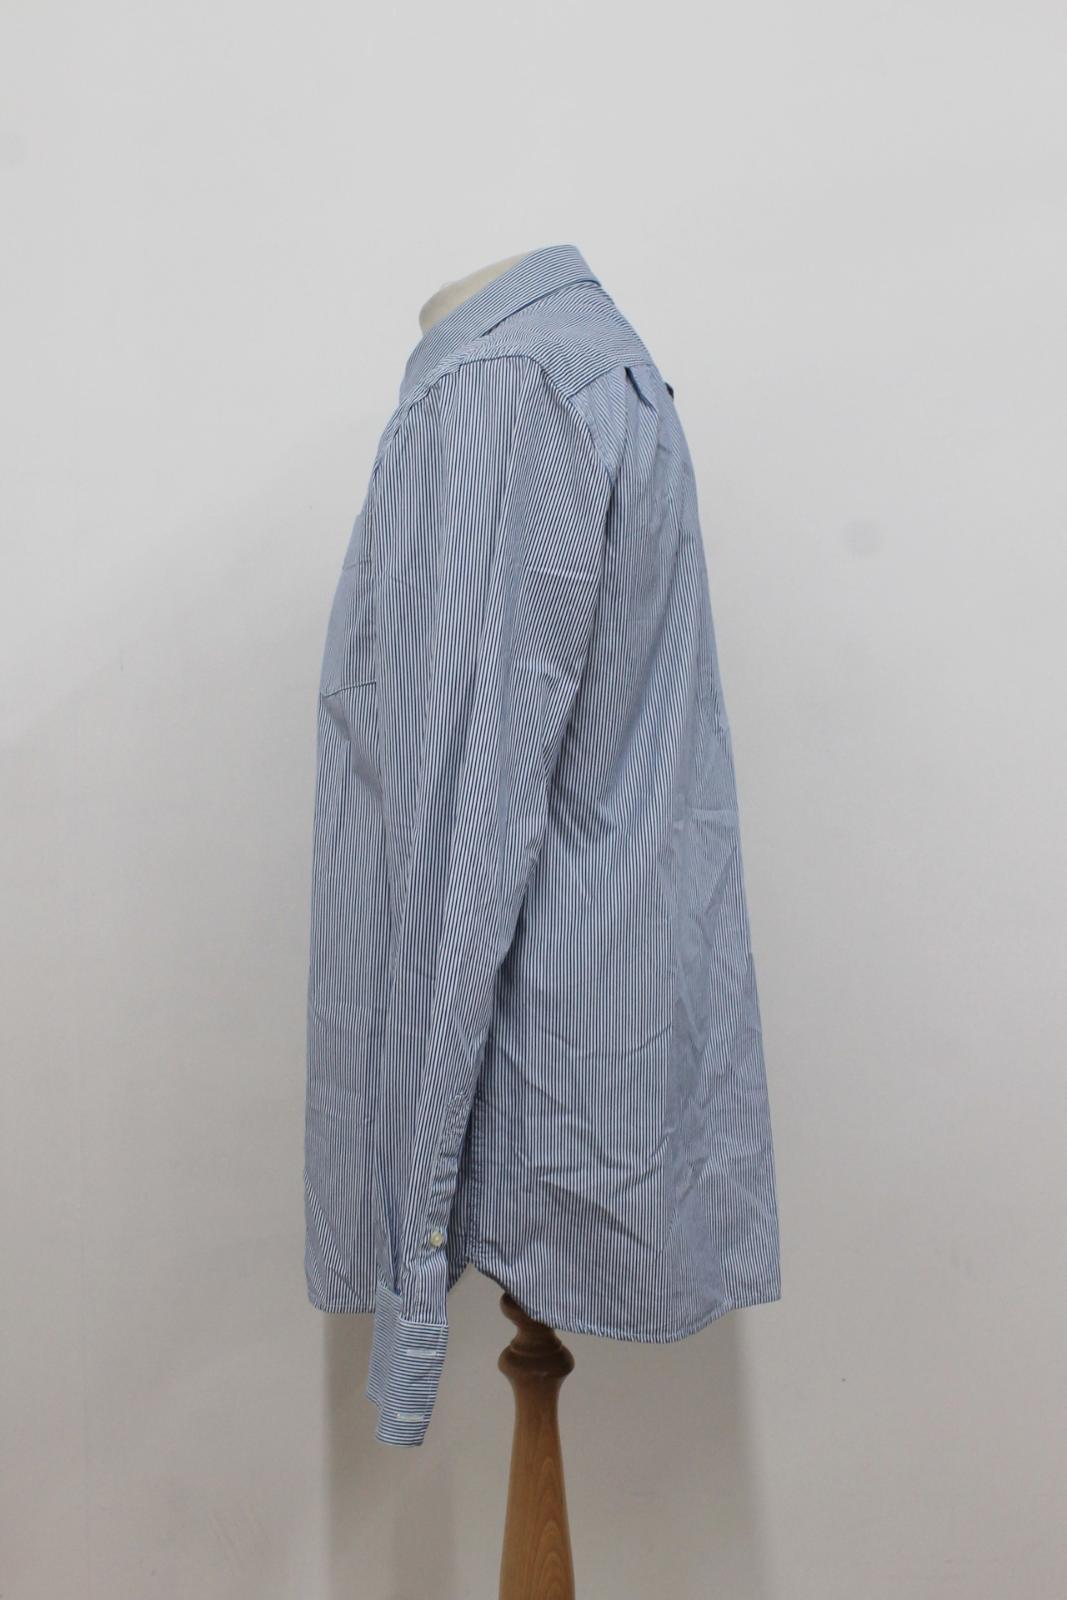 Camiseta-para-Hombre-de-Manga-Larga-Blanco-Azul-a-Rayas-Con-Cuello-Informal-Camisa-Tamano-XXL miniatura 5